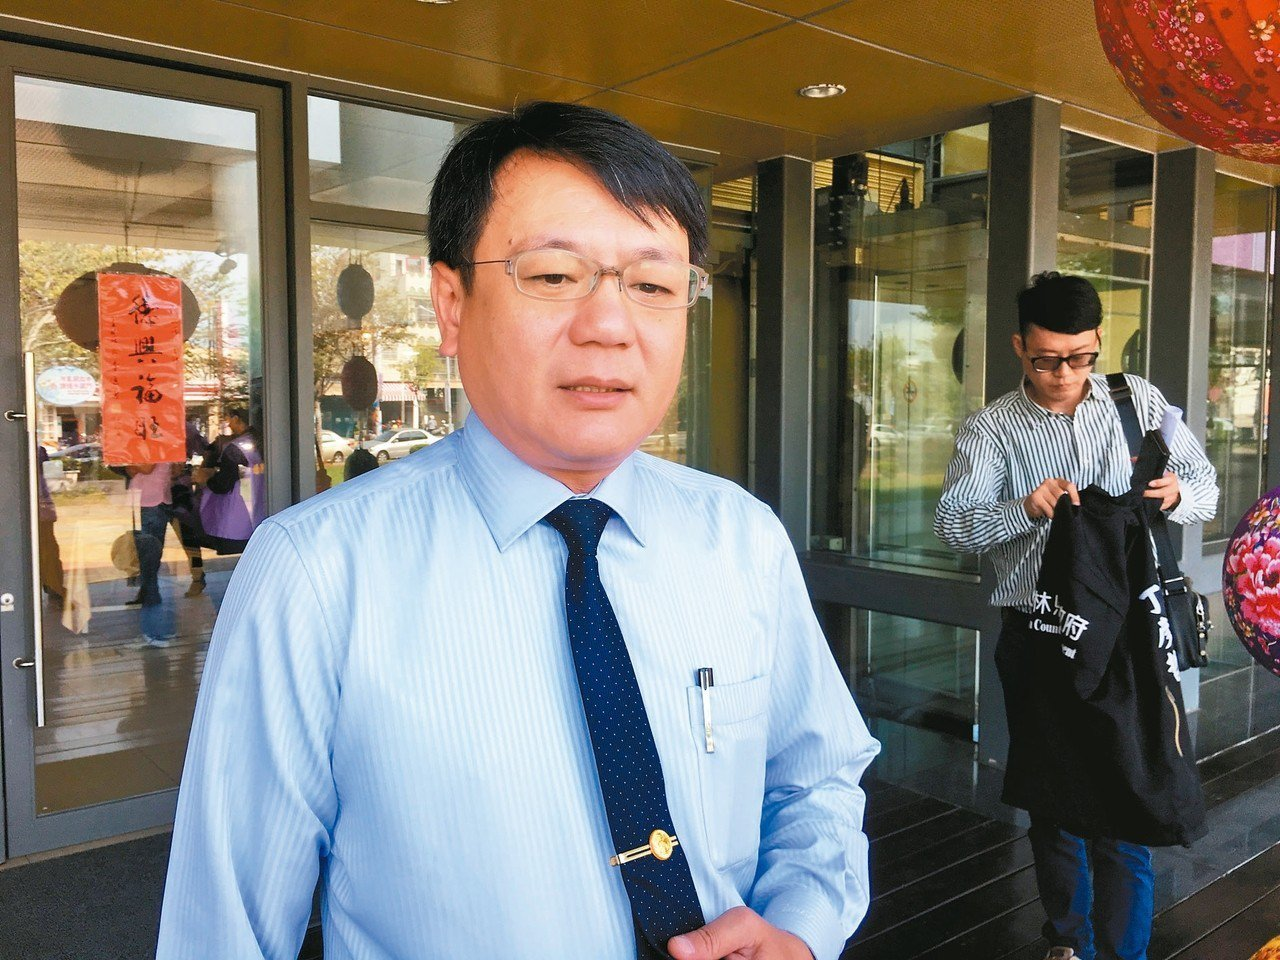 菸酒公司董事長由雲林縣前副縣長丁彥哲出線。 圖/聯合報系資料照片